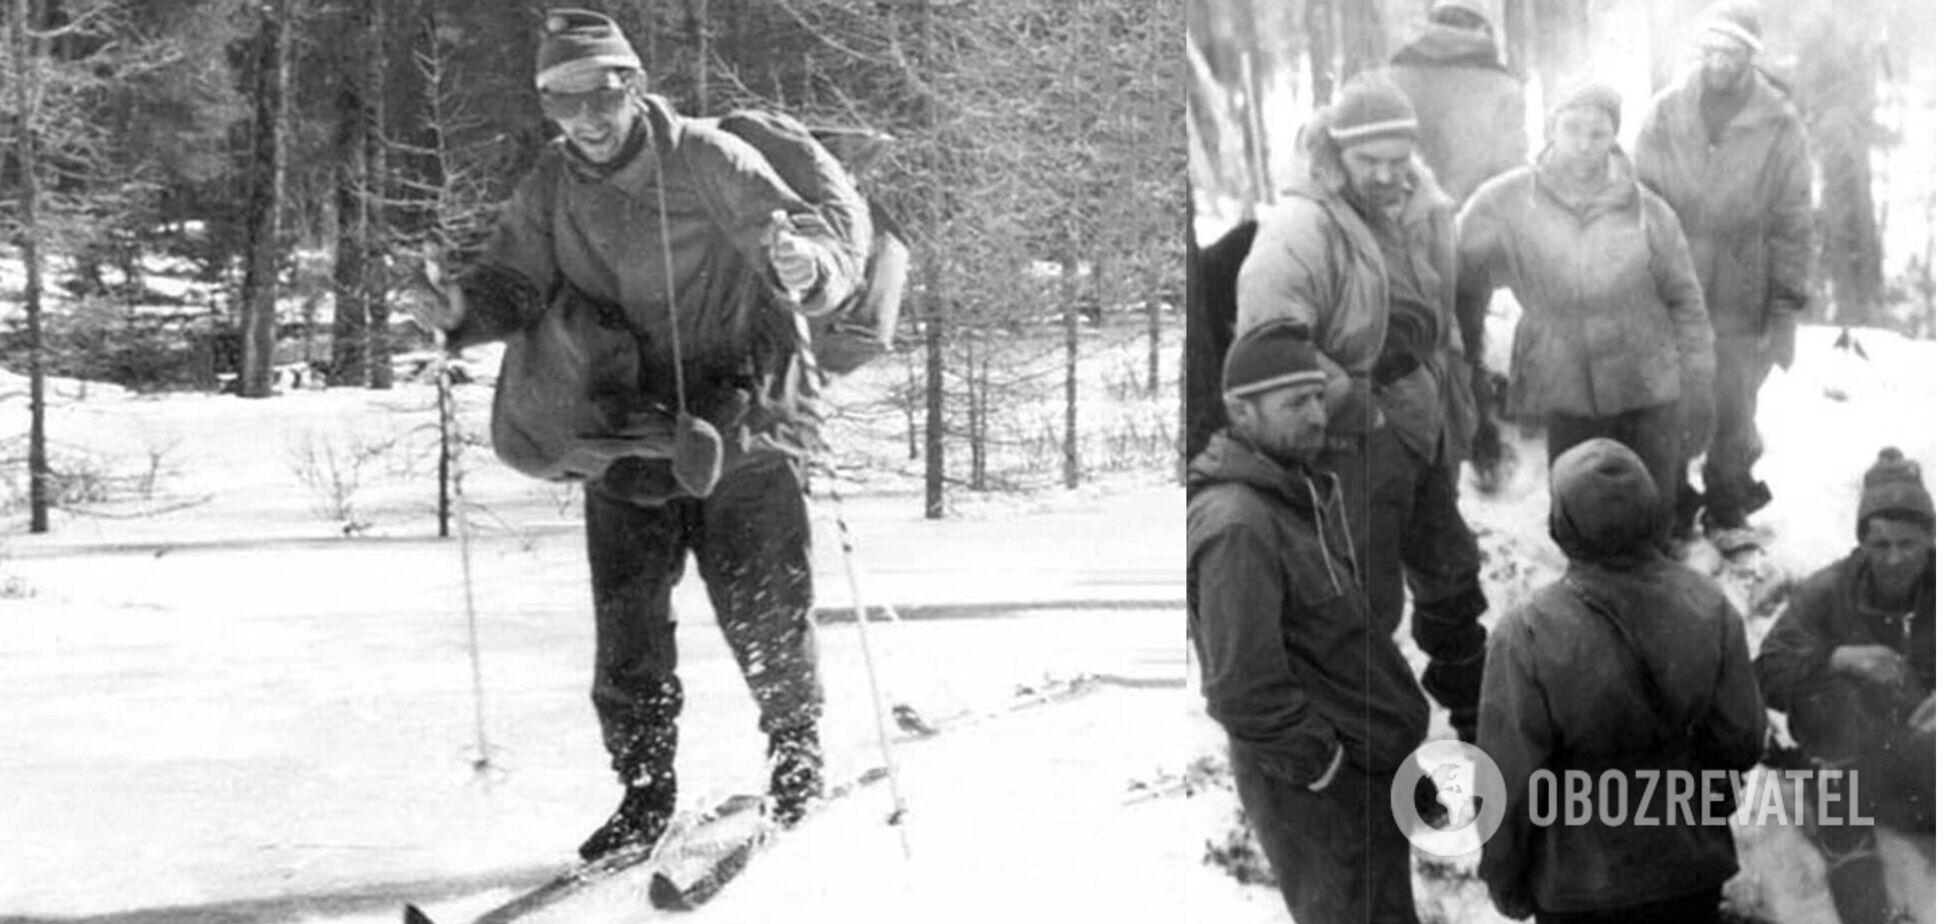 Одним з учасників походу був знаменитий в СРСР бард Арік Крупп